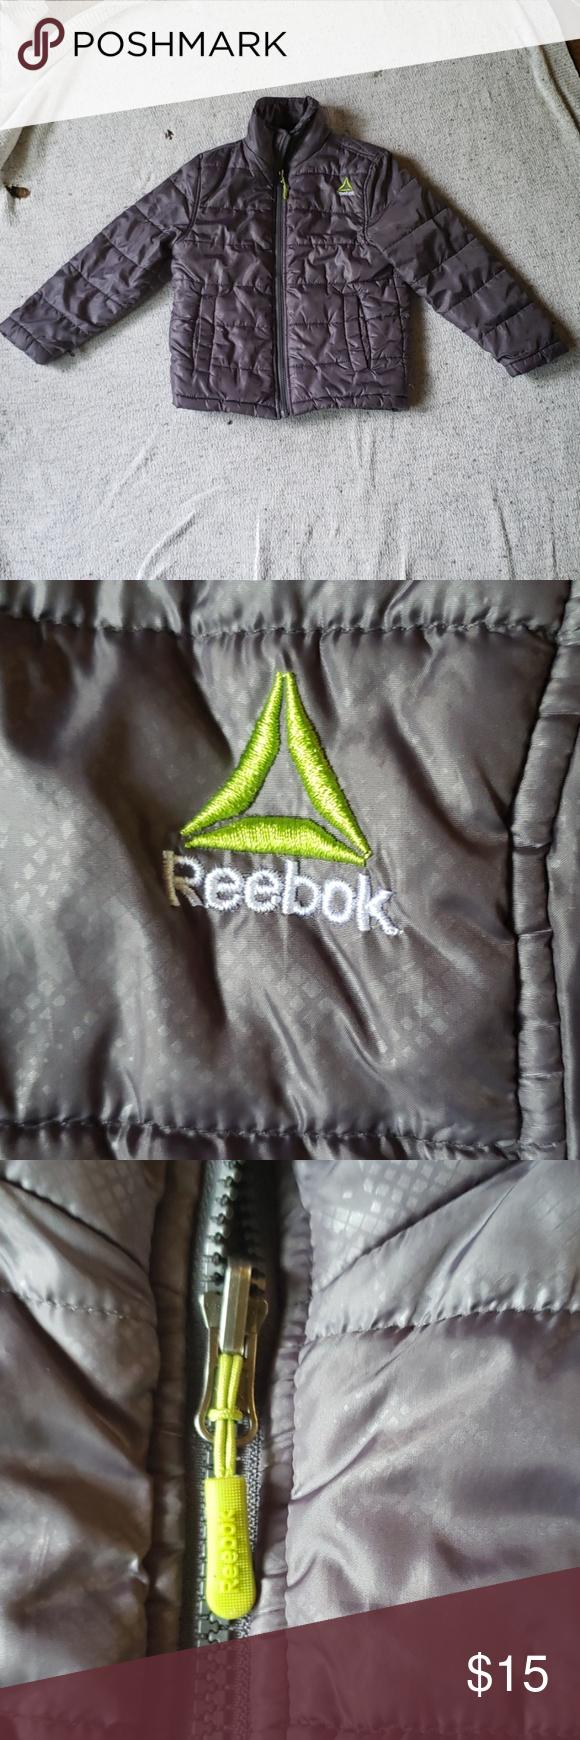 Like New Boys Reebok Puffer Jacket Jackets Puffer Jackets Reebok [ 1740 x 580 Pixel ]